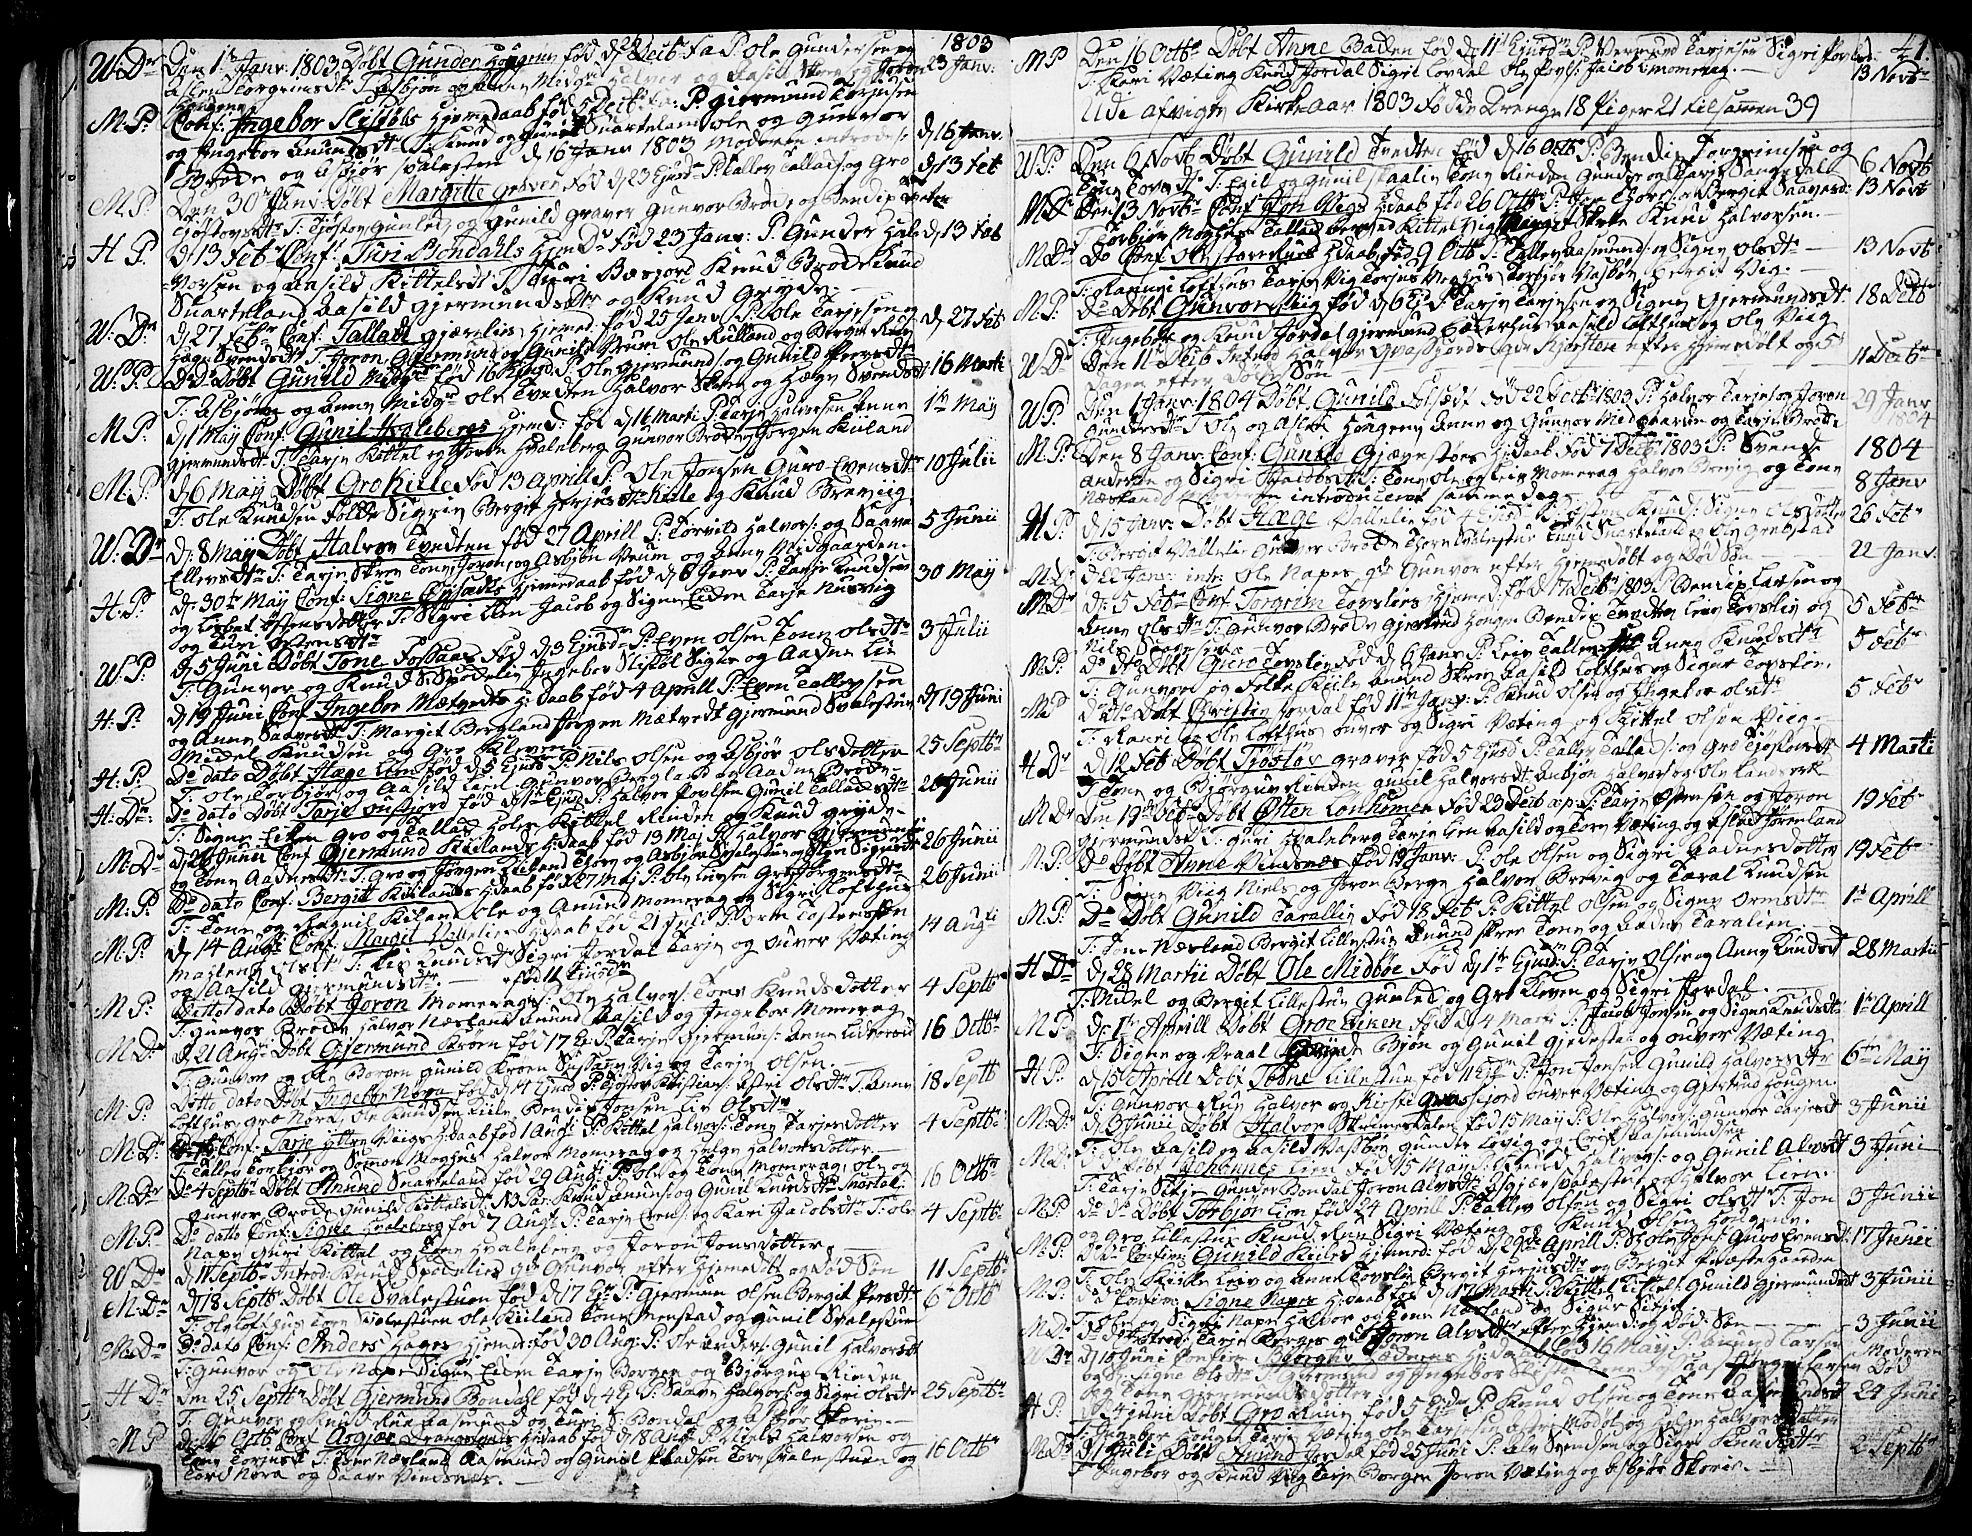 SAKO, Fyresdal kirkebøker, F/Fa/L0002: Ministerialbok nr. I 2, 1769-1814, s. 41